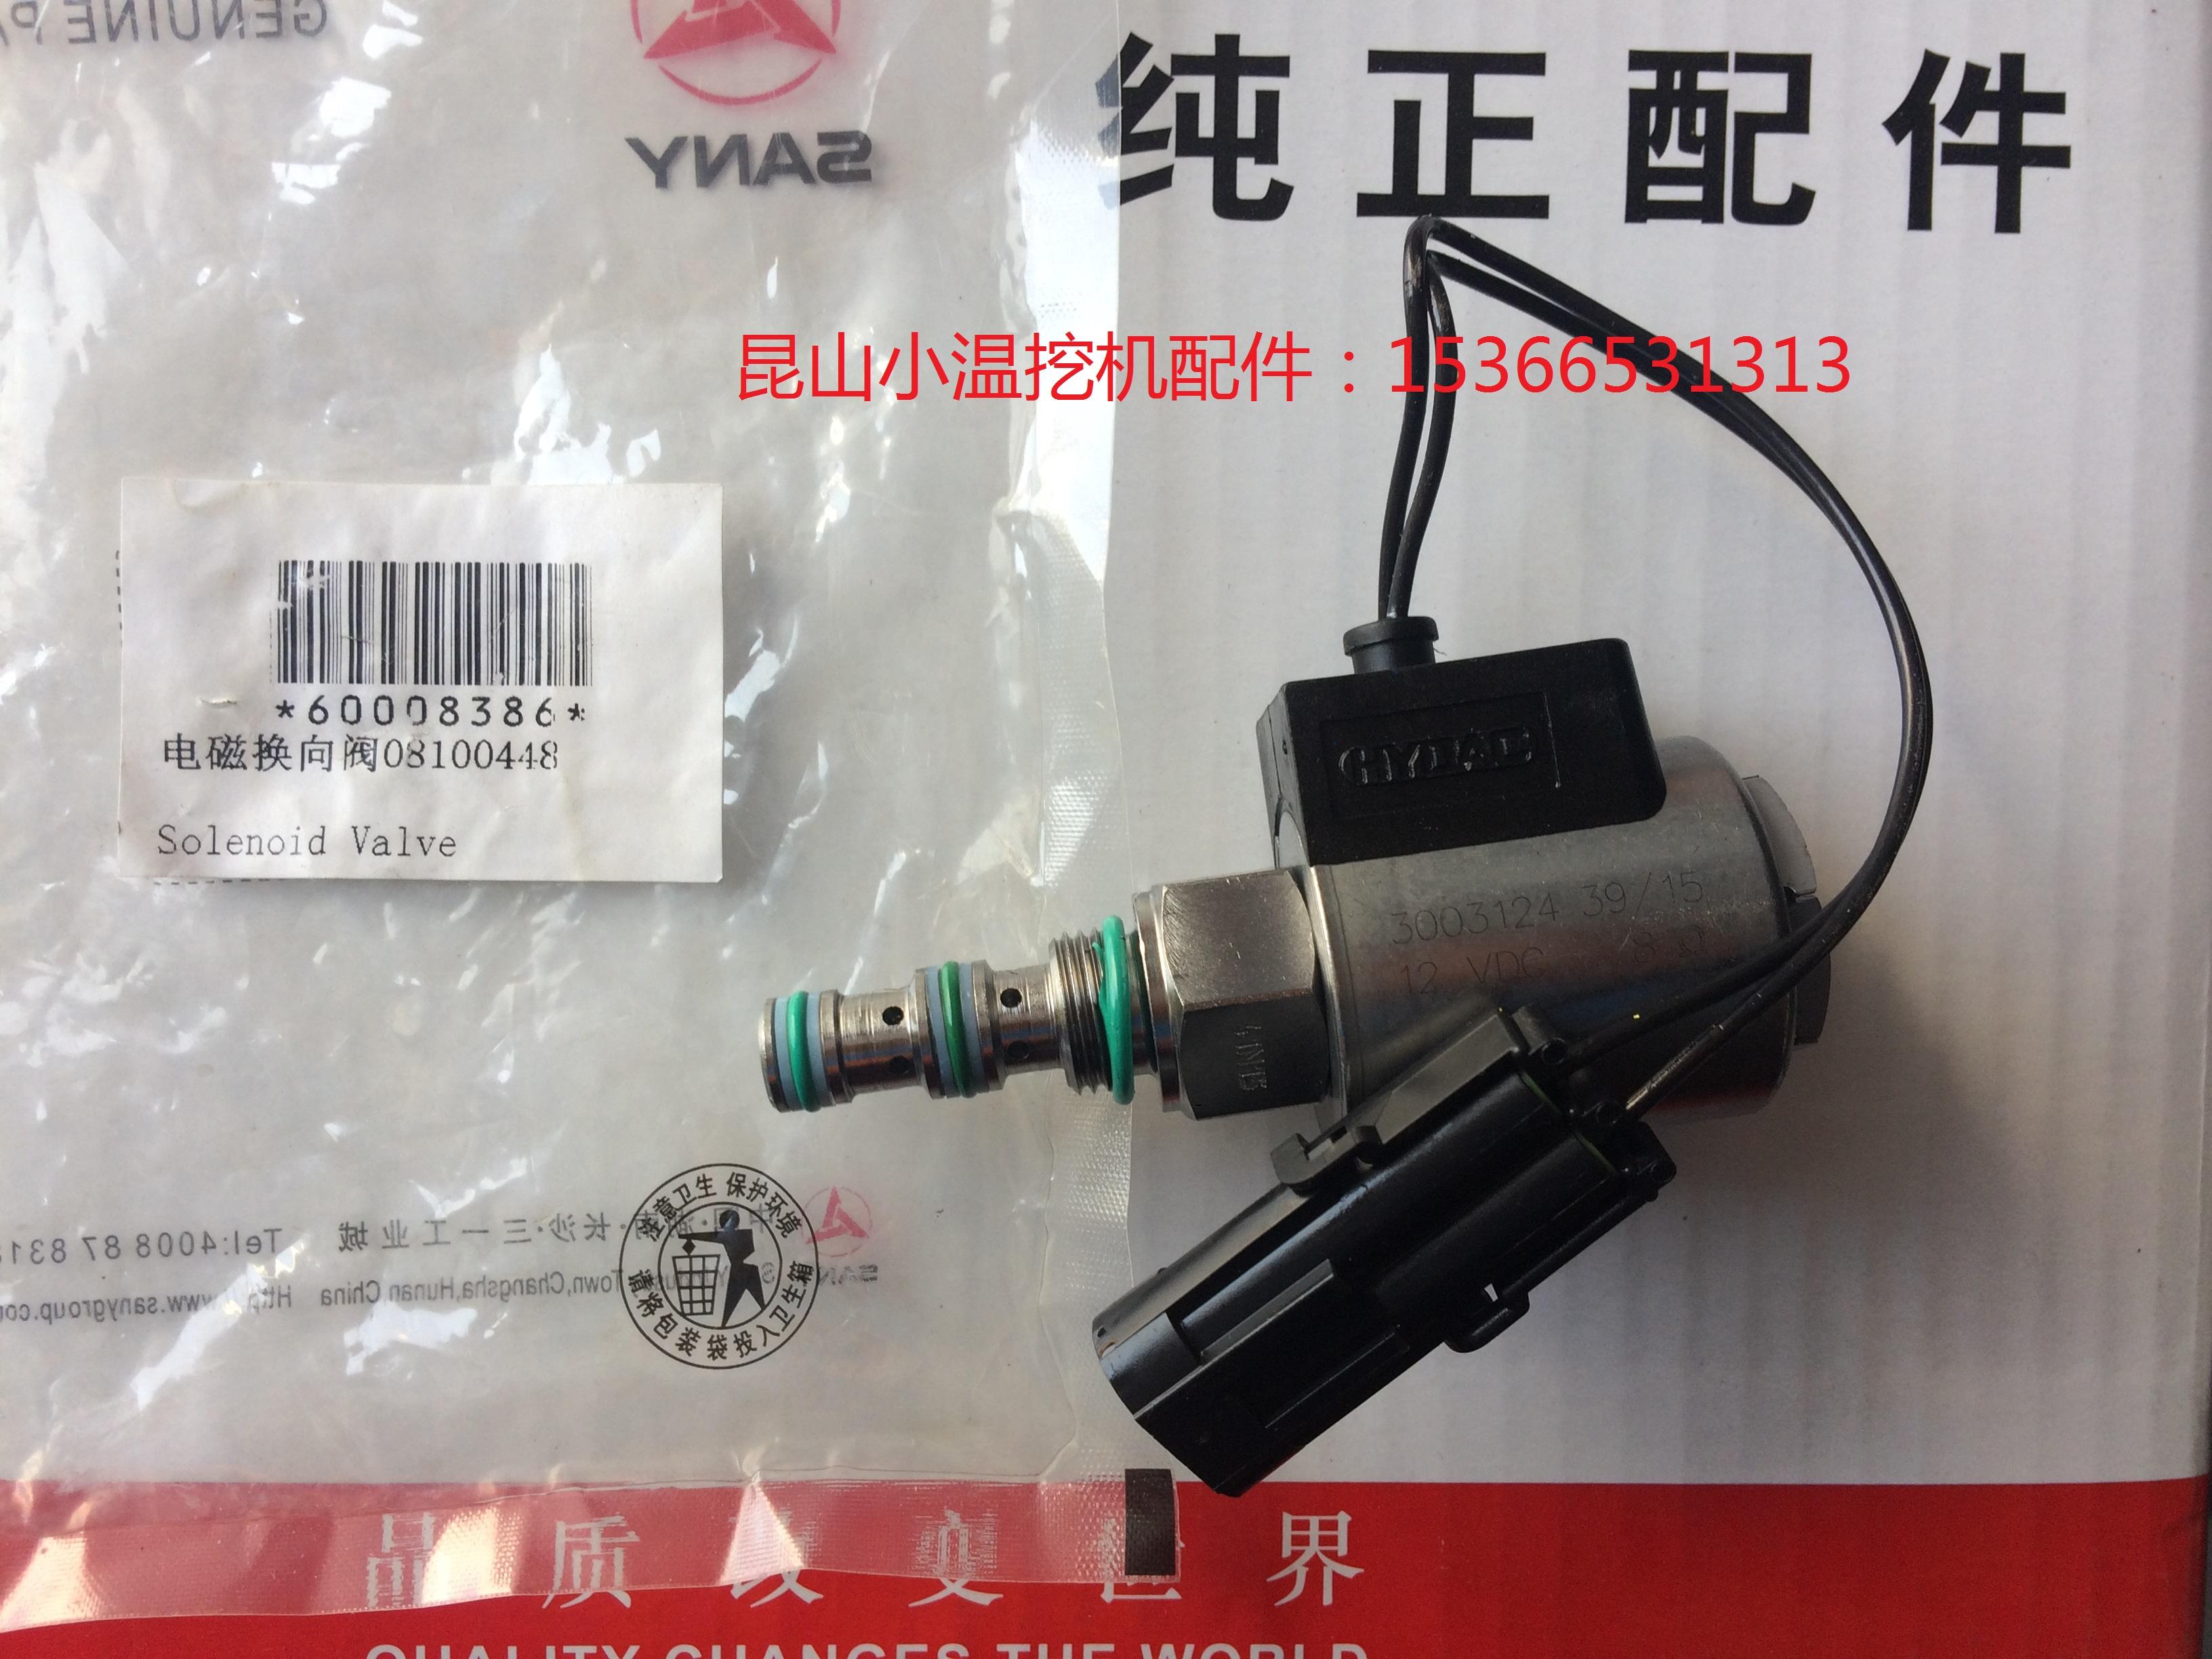 三挖机部品電磁プランジャ6575135油ソース弁コイル直流電磁切換弁